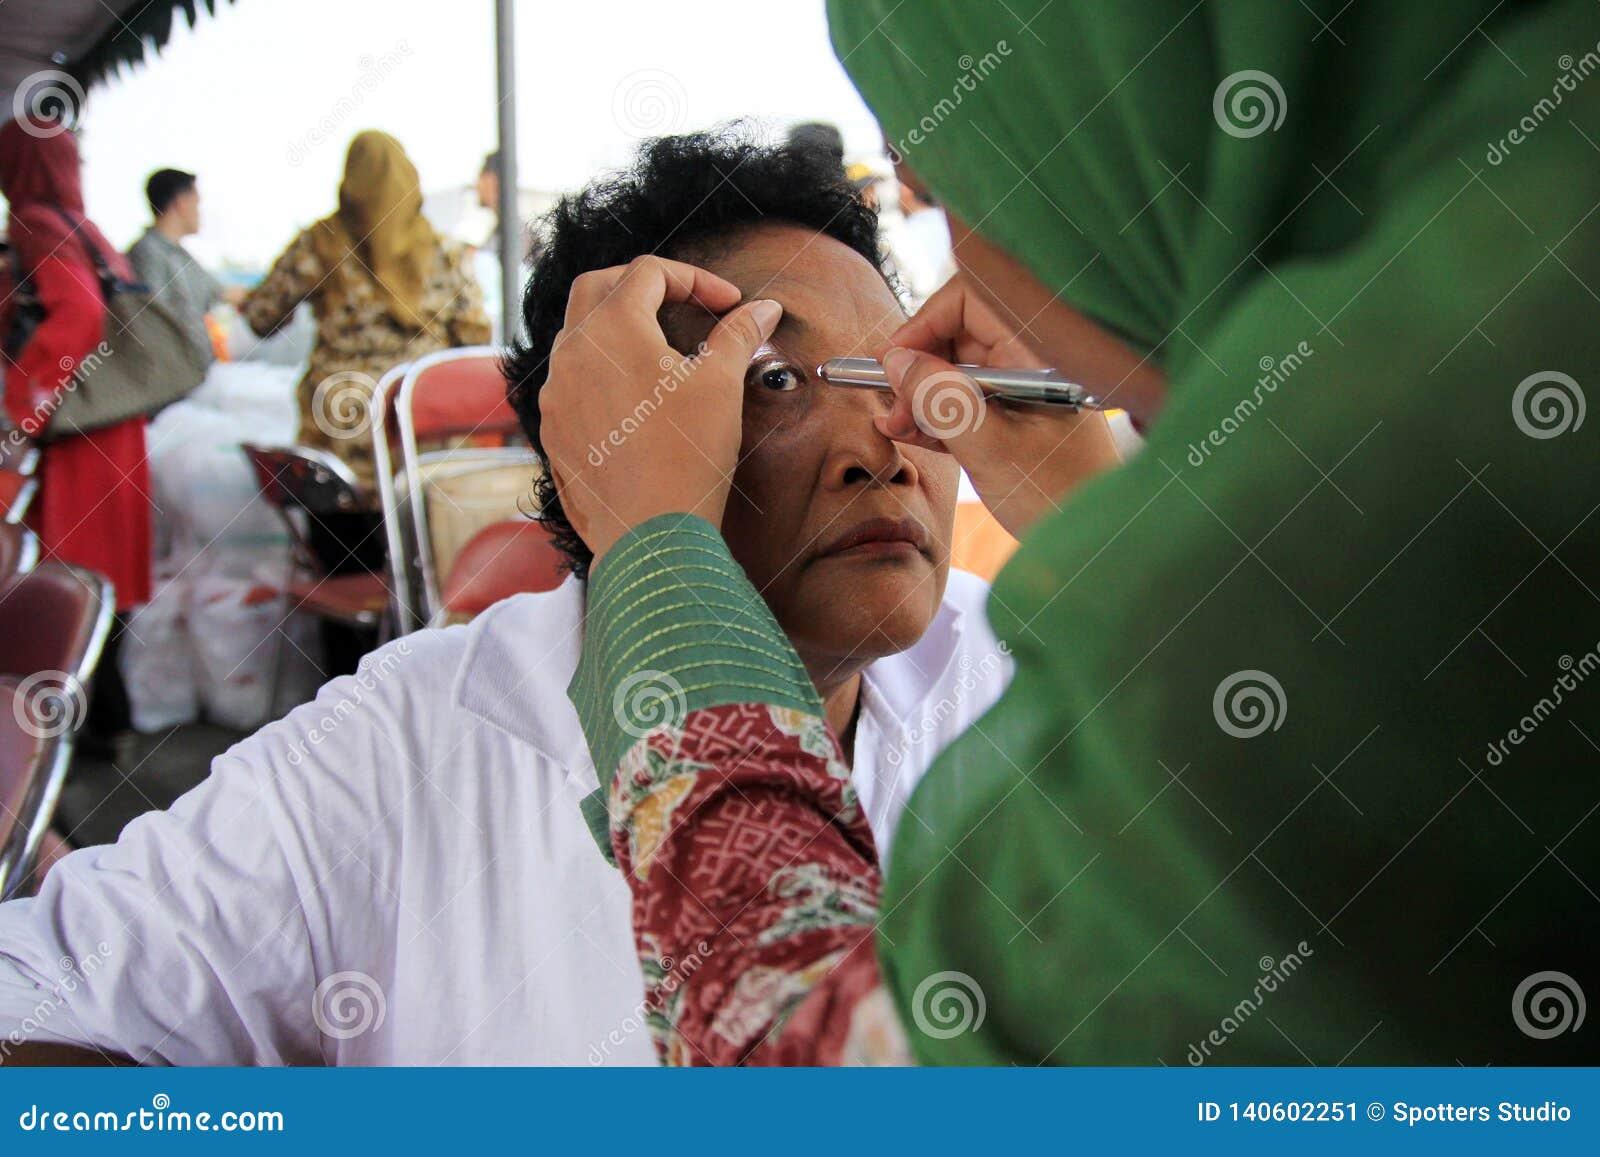 Sorabaya Indonésie, peut 21, 201surabaya Indonésie, peut 21, 2014 un professionnel de la santé est contrôle la santé de l oeil du